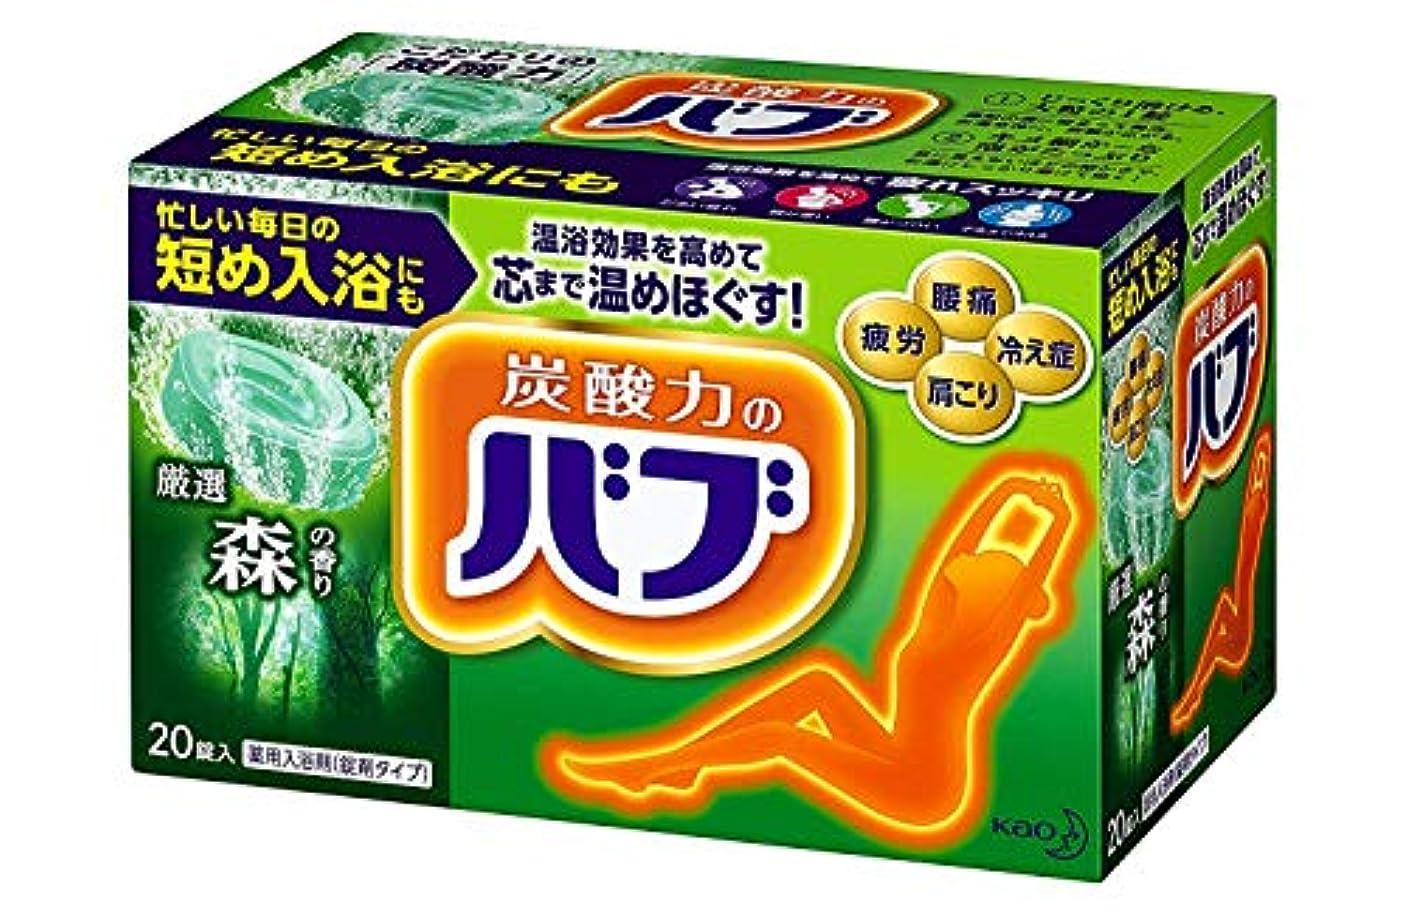 不安定な労苦フォアタイプ【花王】バブ 森の香り (20錠入) ×5個セット